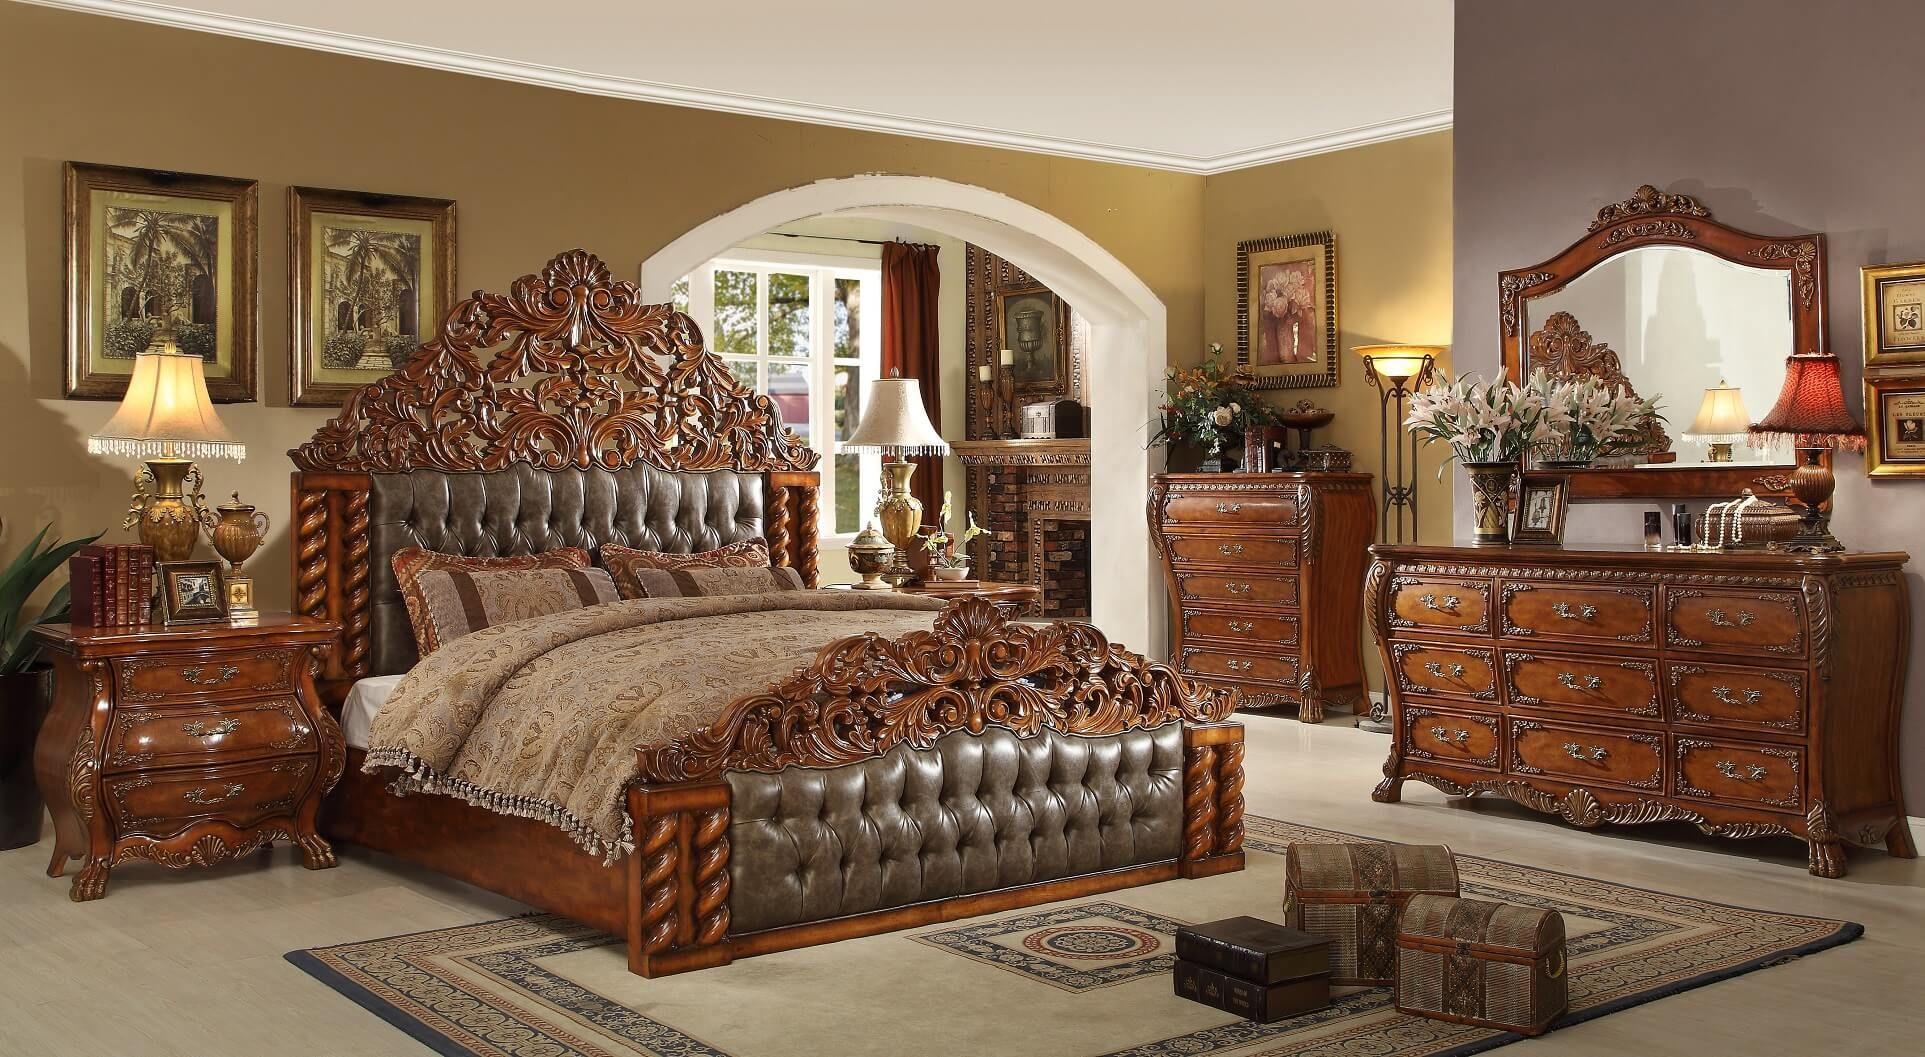 Dormitorio Fresco De Estilo Victoriano Establece Inicio Dise O  # Muebles Victorianos Baratos